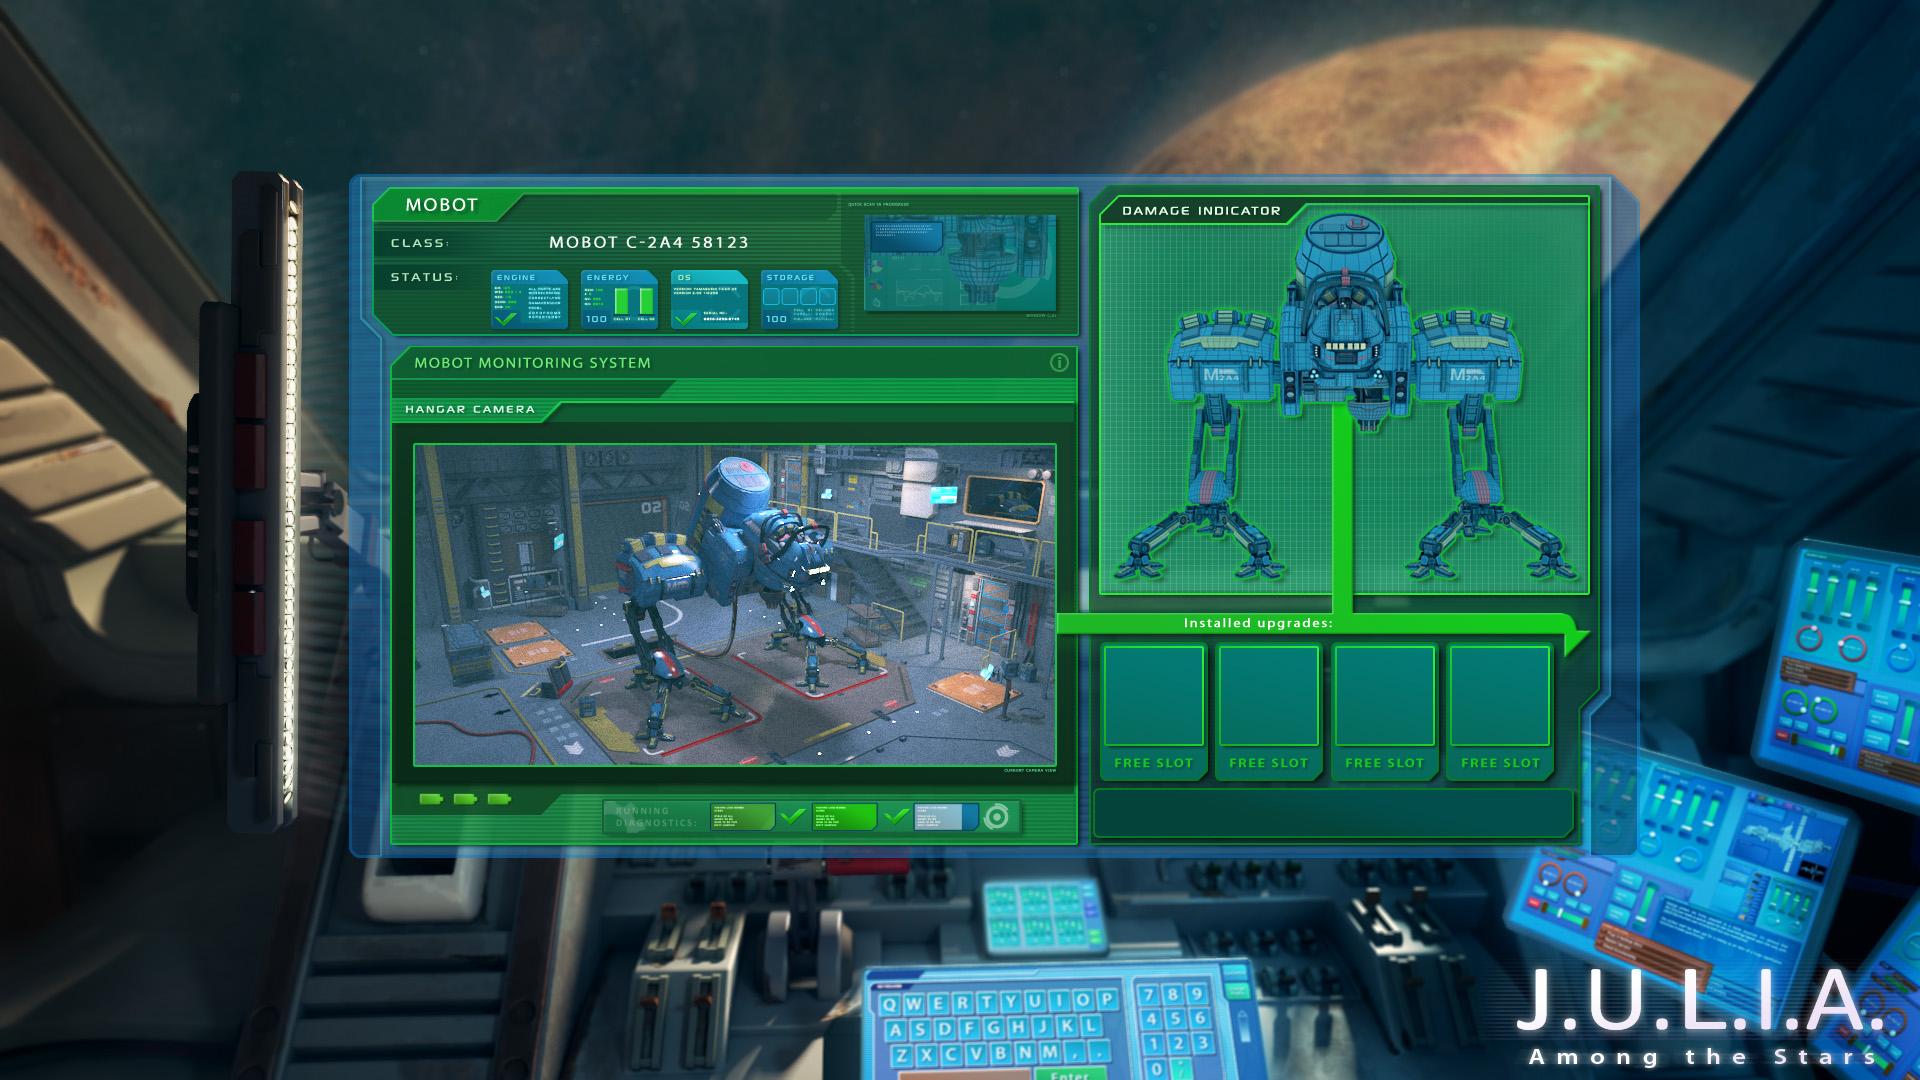 J.U.L.I.A.: Among the Stars screenshot 1